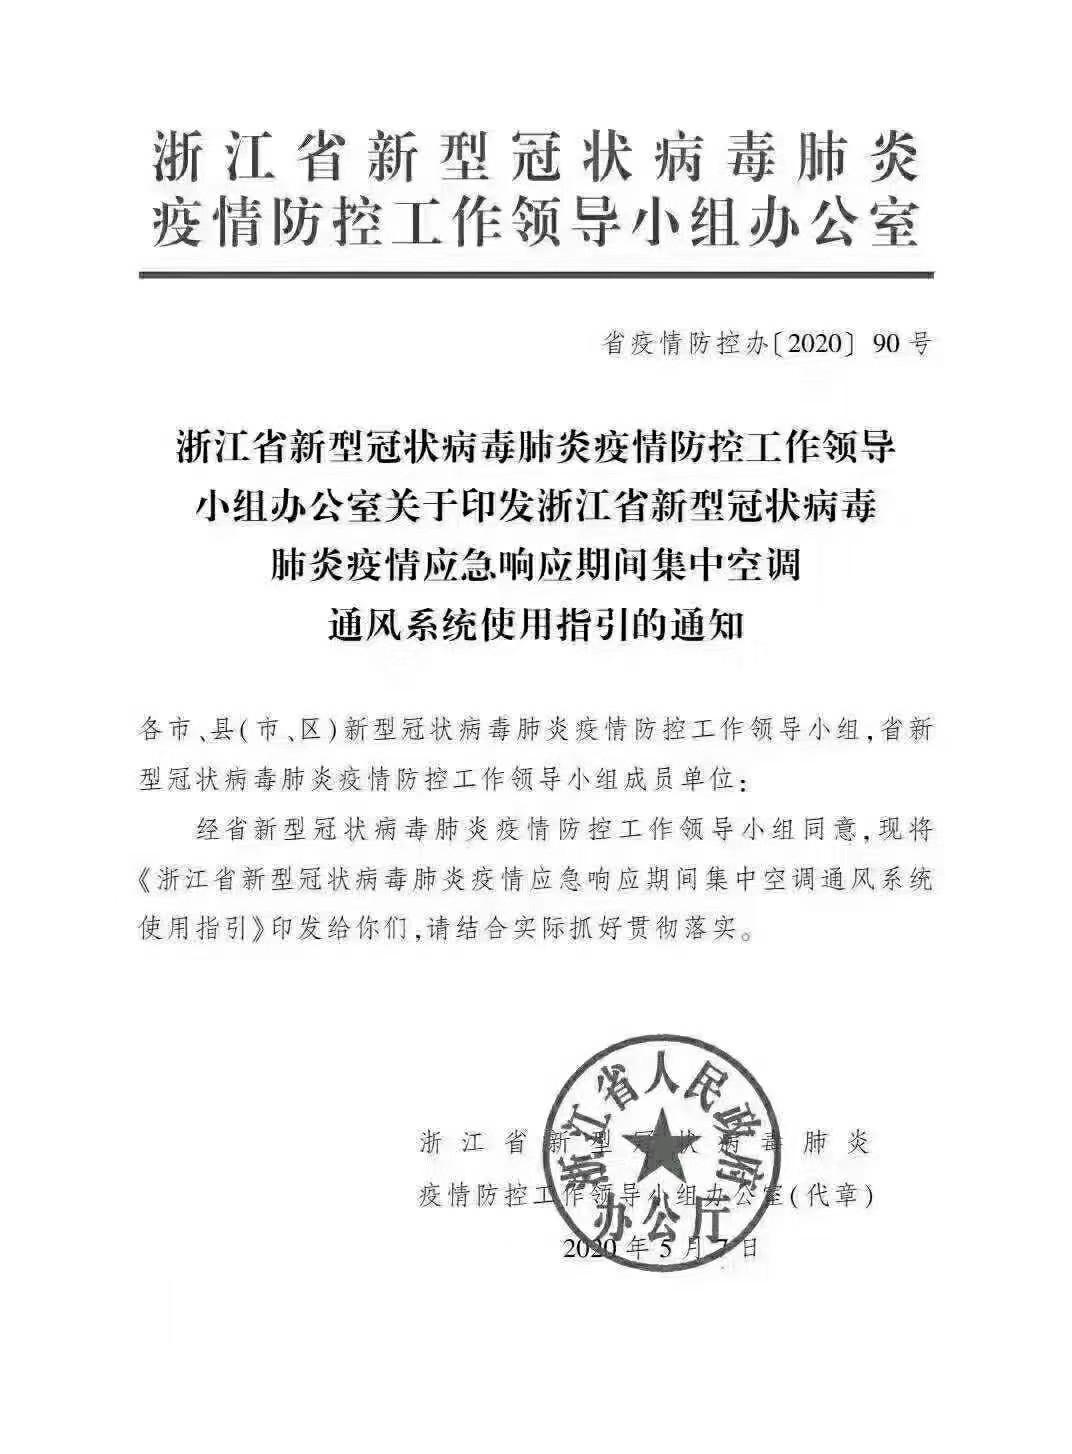 浙江省疫情防控办.jpg